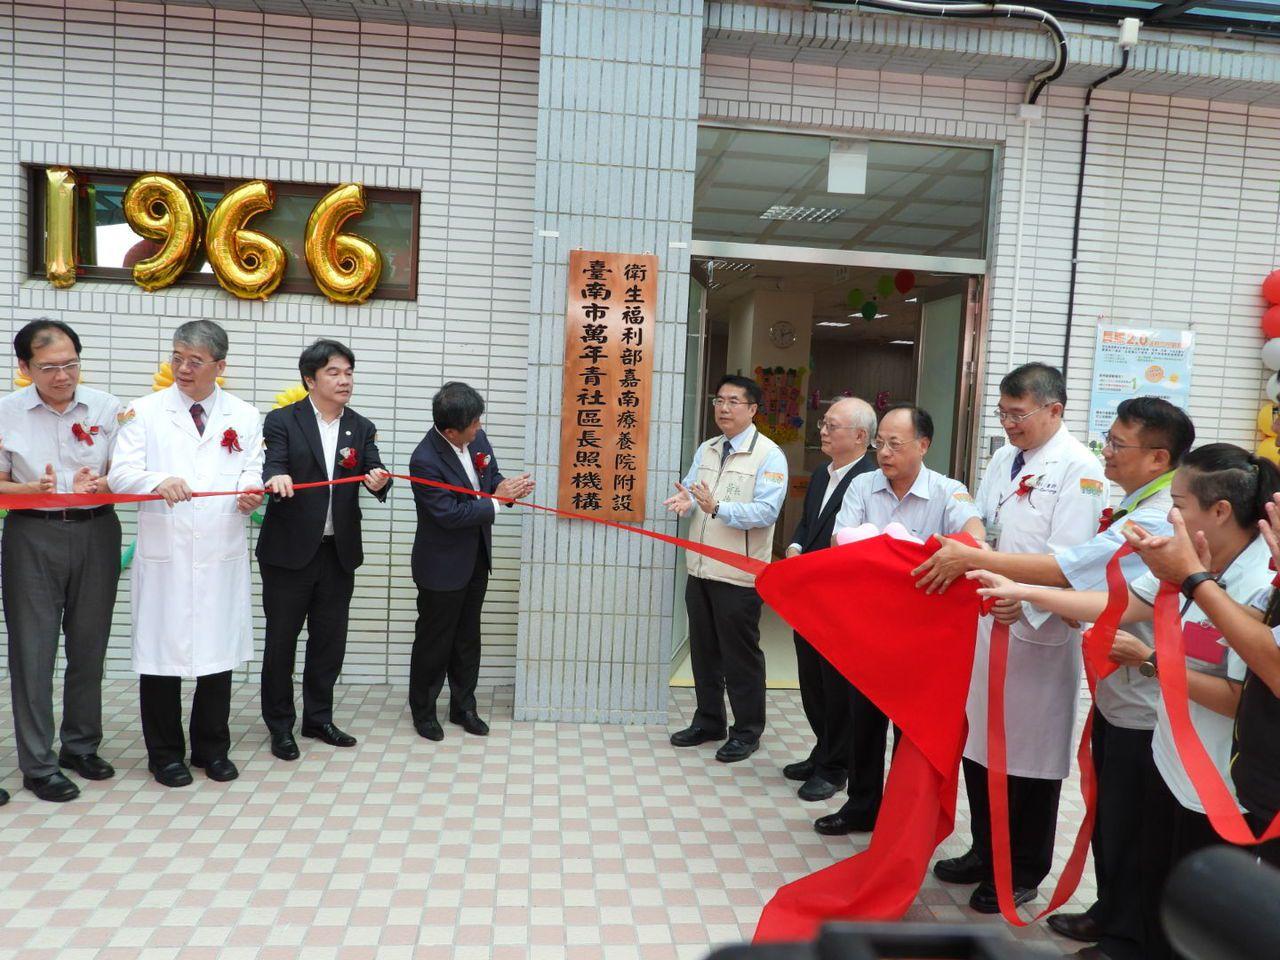 台南市長黃偉哲參加嘉南療養院長照機構揭牌。記者周宗禎/攝影